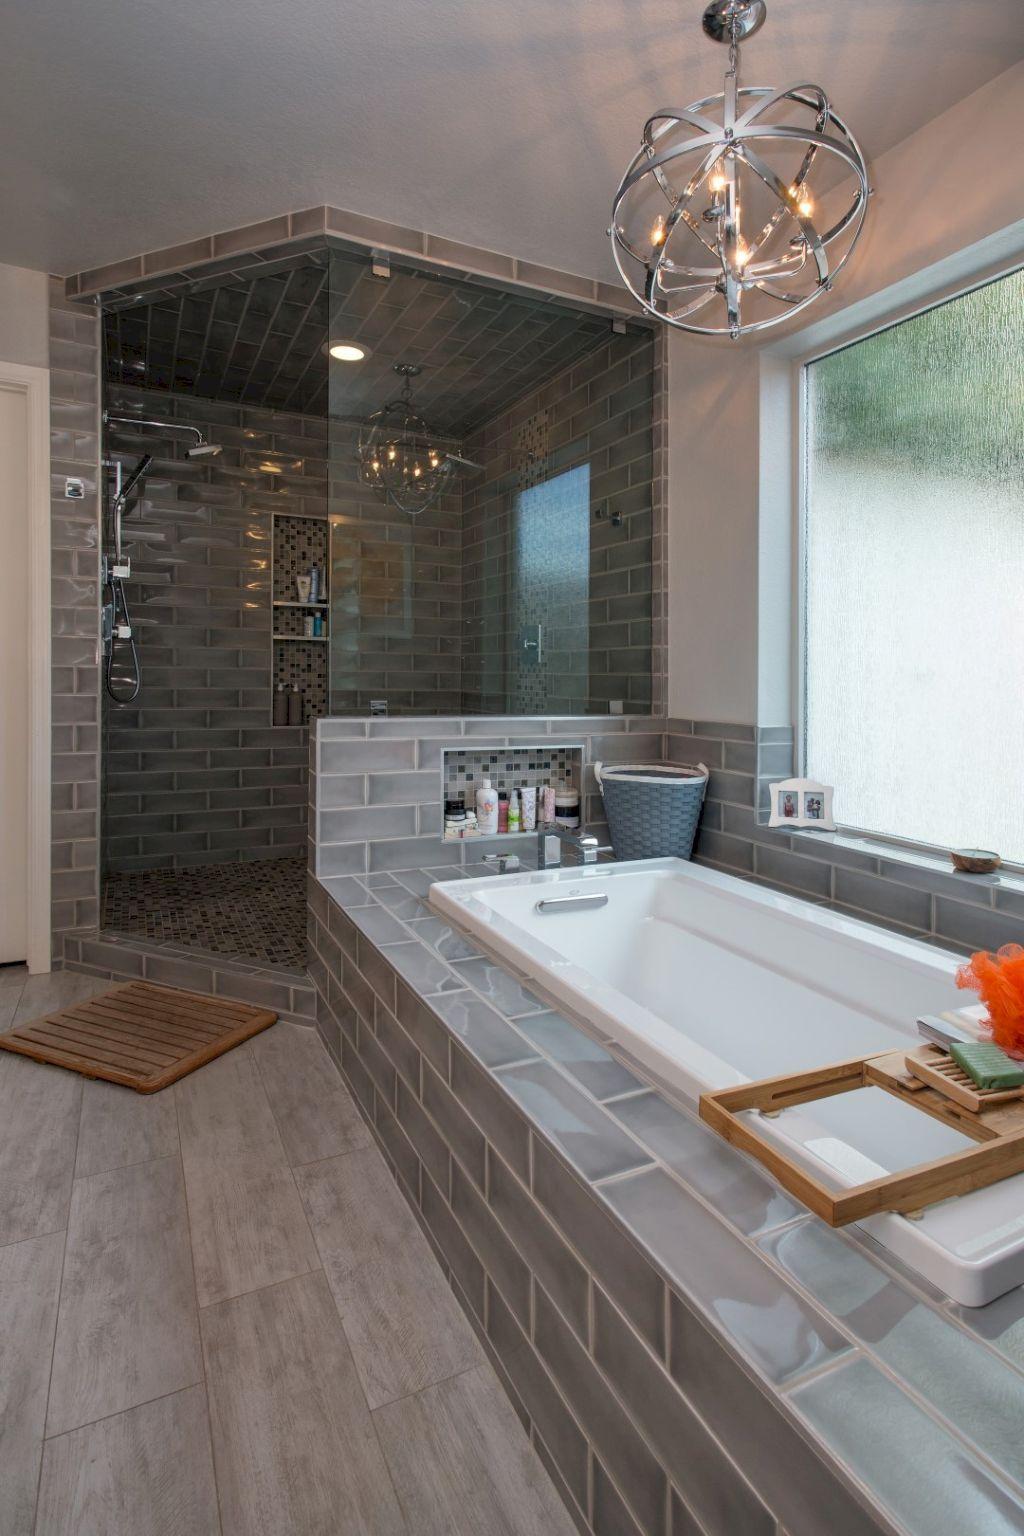 Awesome 44 Awesome Master Bathroom Ideas Https Homeylife Com 44 Awesome Master Bathroom Ideas Diseno Interiores Casas Estilo De Bano Diseno De Banos